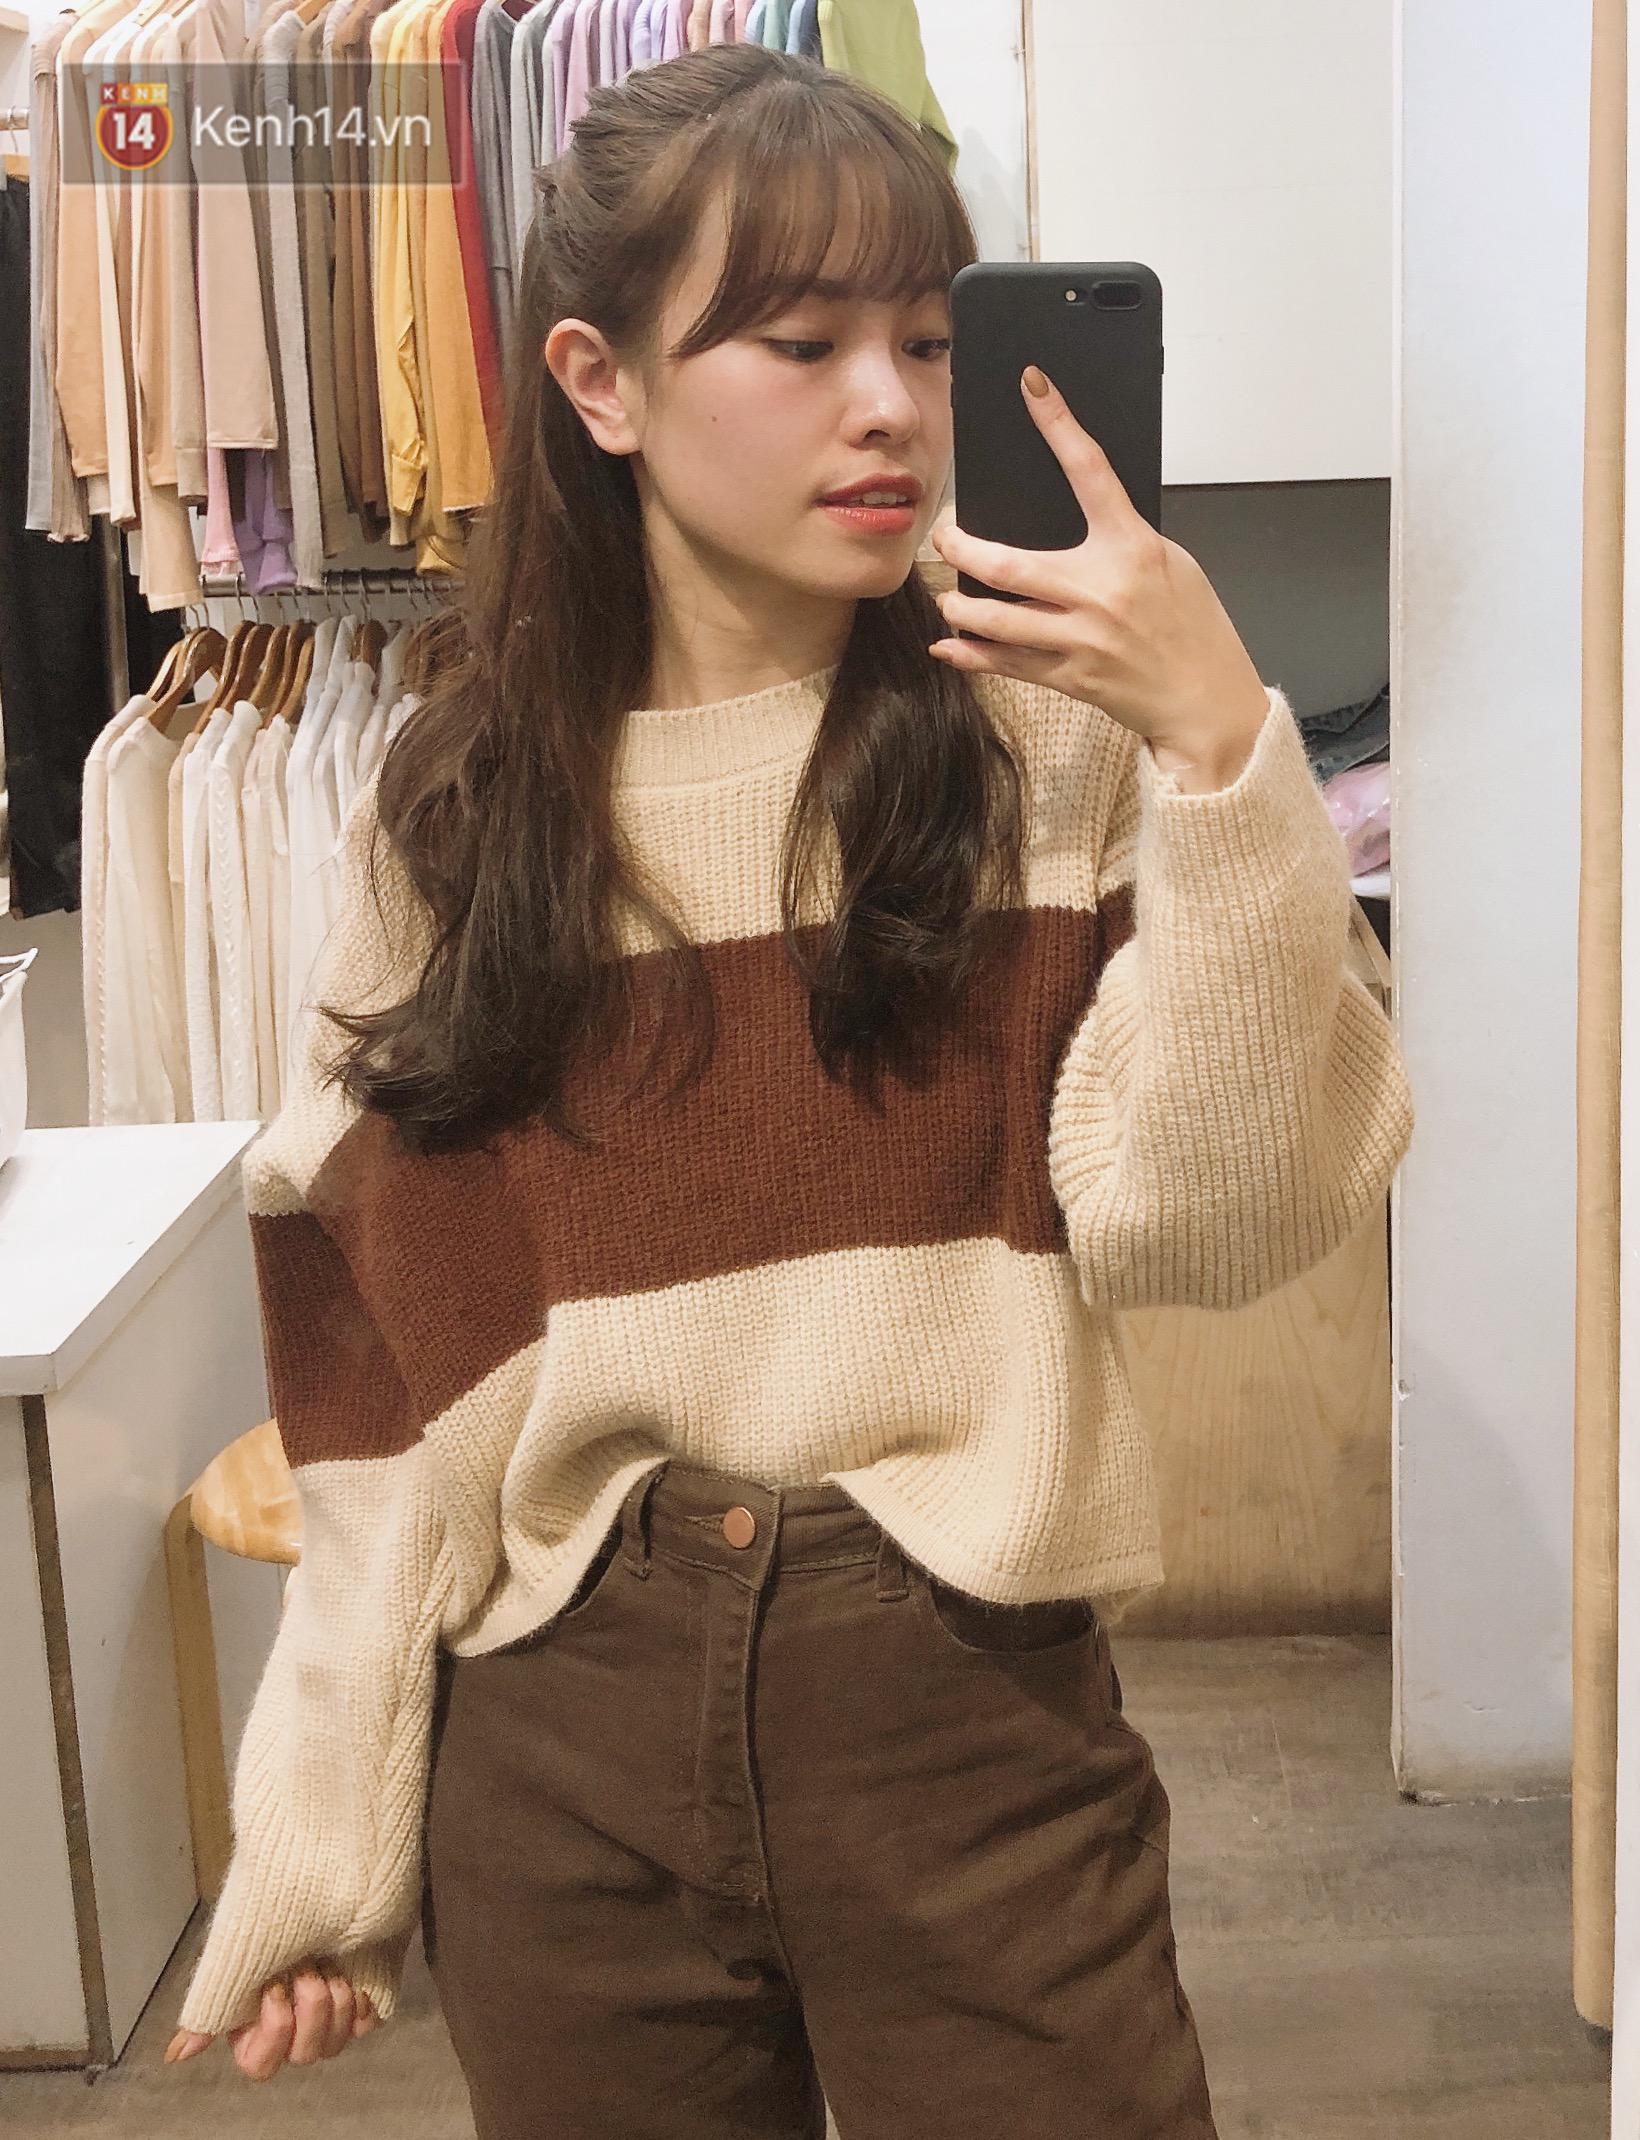 Mua áo len ở khu Chùa Láng: Chỉ từ 280K đã sắm được áo vừa xinh vừa ấm - Ảnh 2.